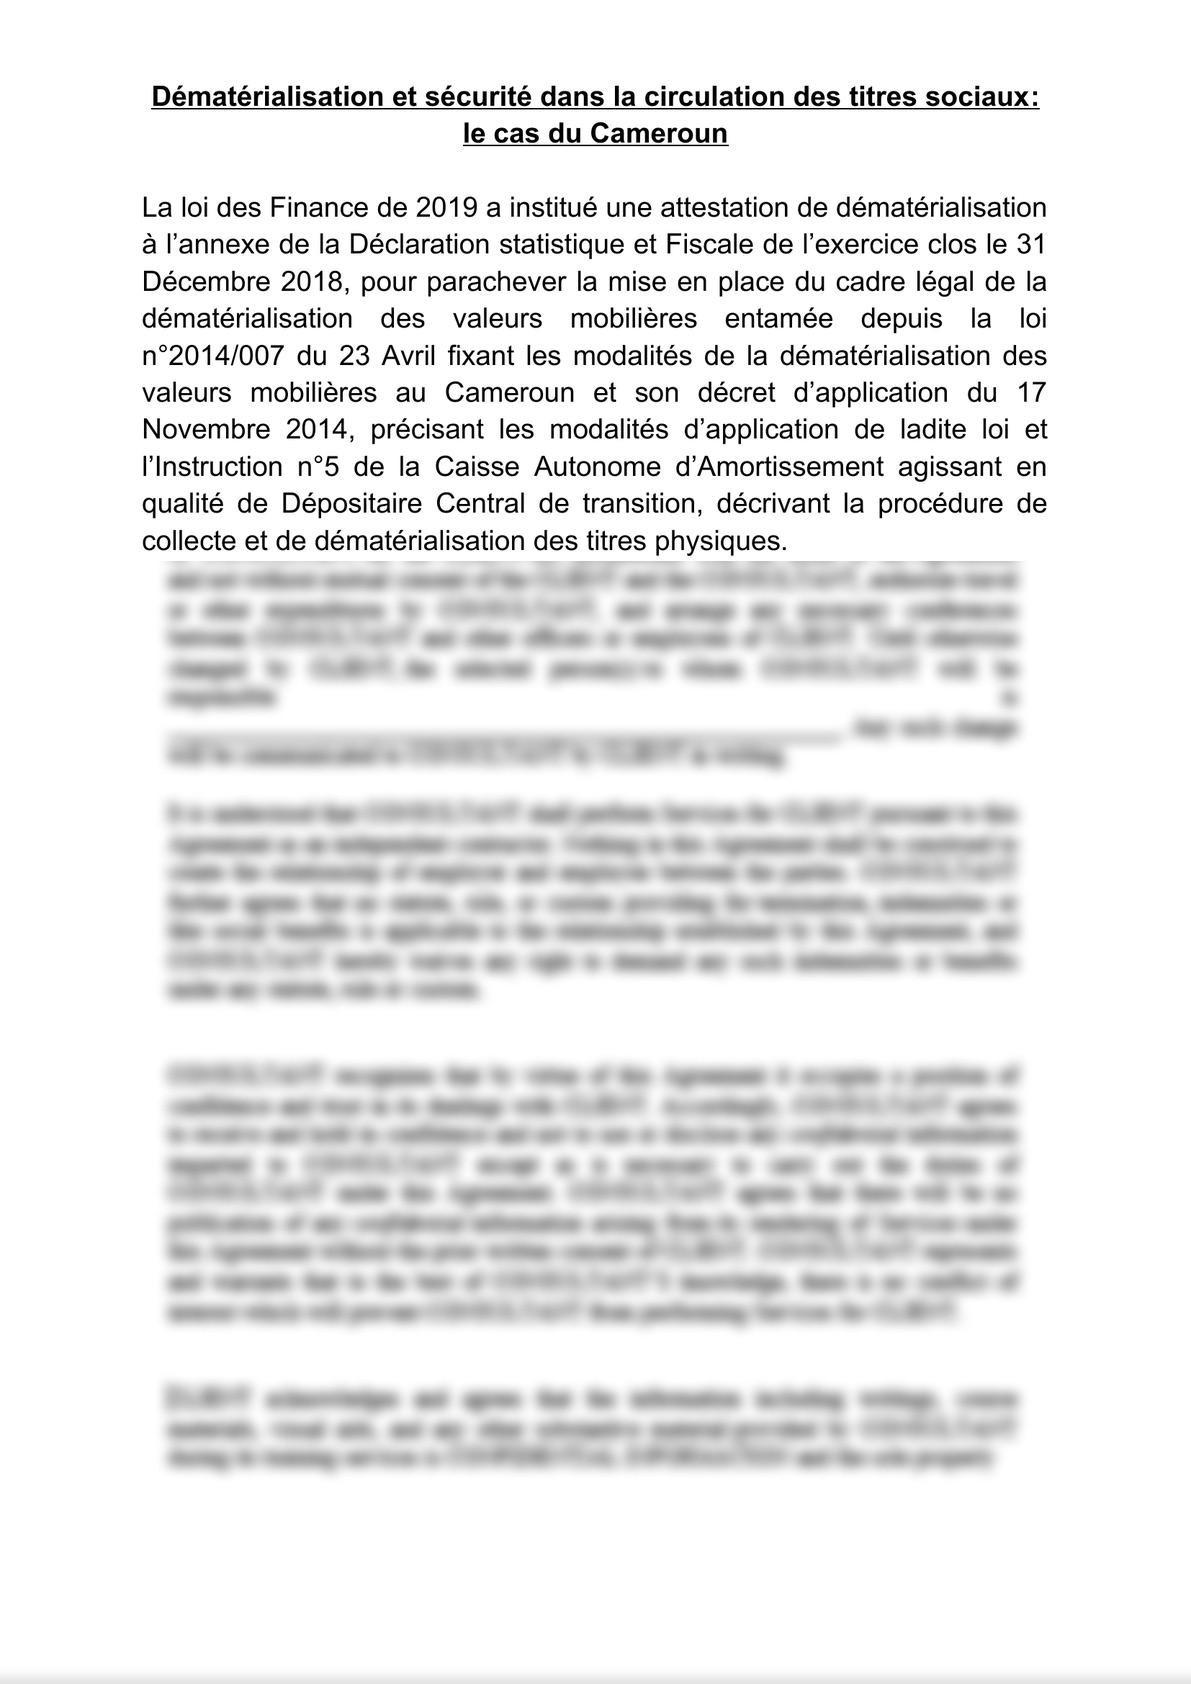 Dématérialisation et sécurité dans la circulation des titres sociaux : le cas du Cameroun-0